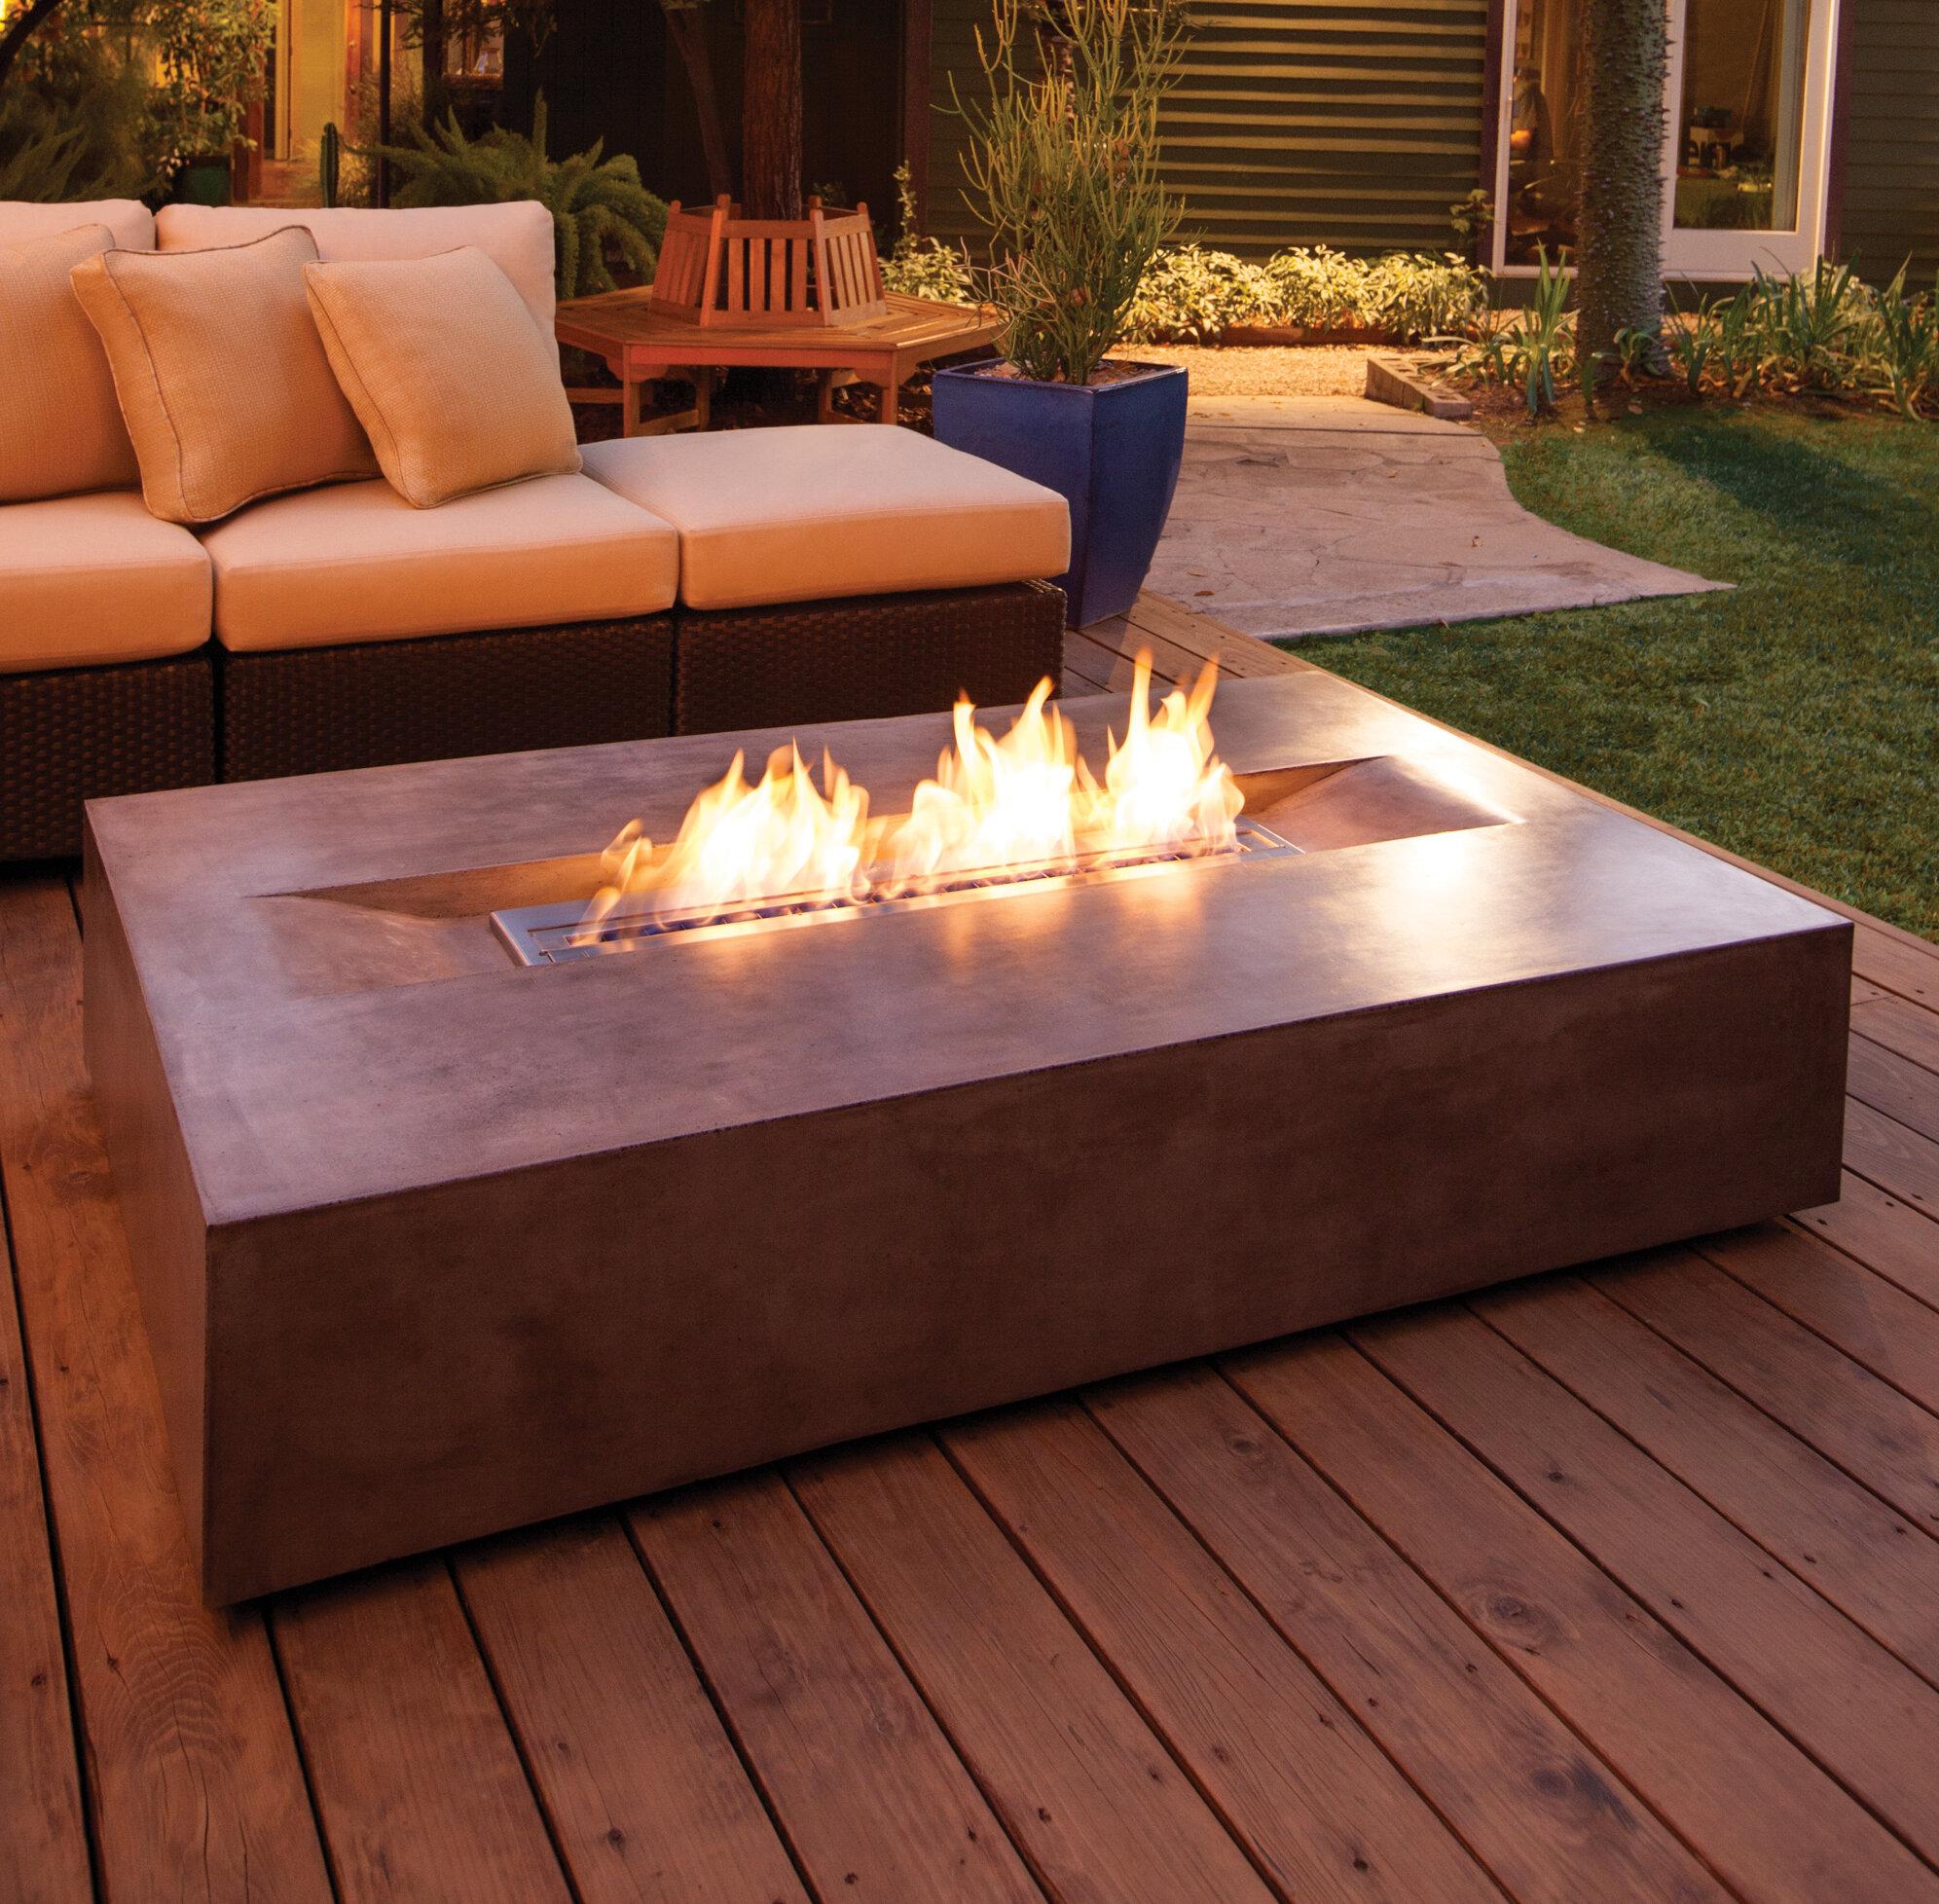 san francisco 49967 48c23 BJFS Flo Concrete Gas Fire Pit Table   Wayfair